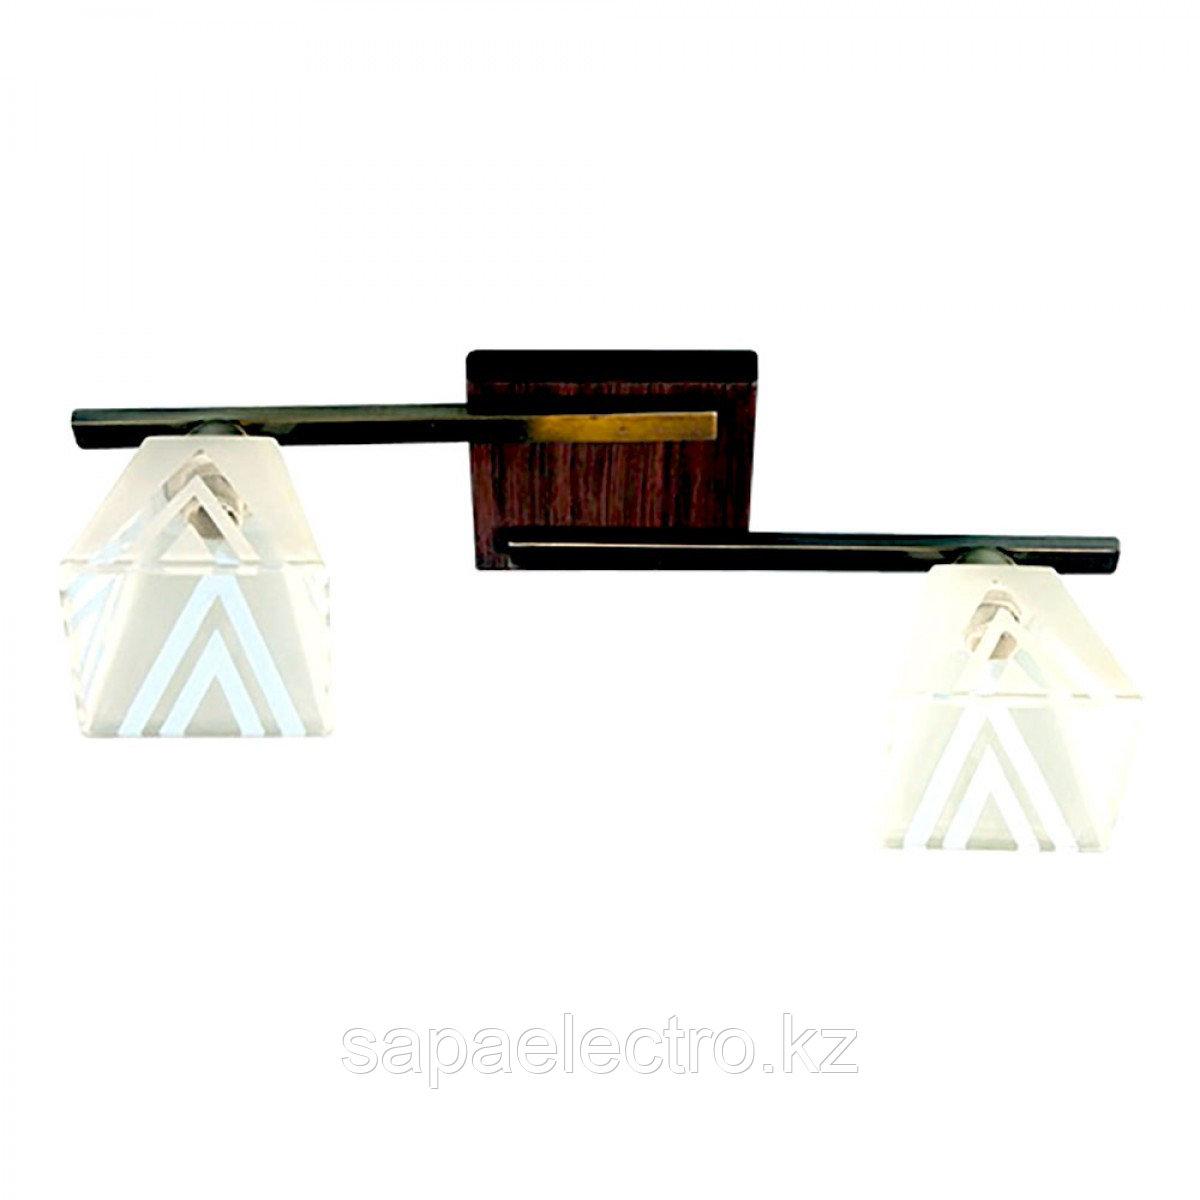 Люстра MX10505/2 E14 AB BROWN WOOD (ASYA-AVIZE)1шт